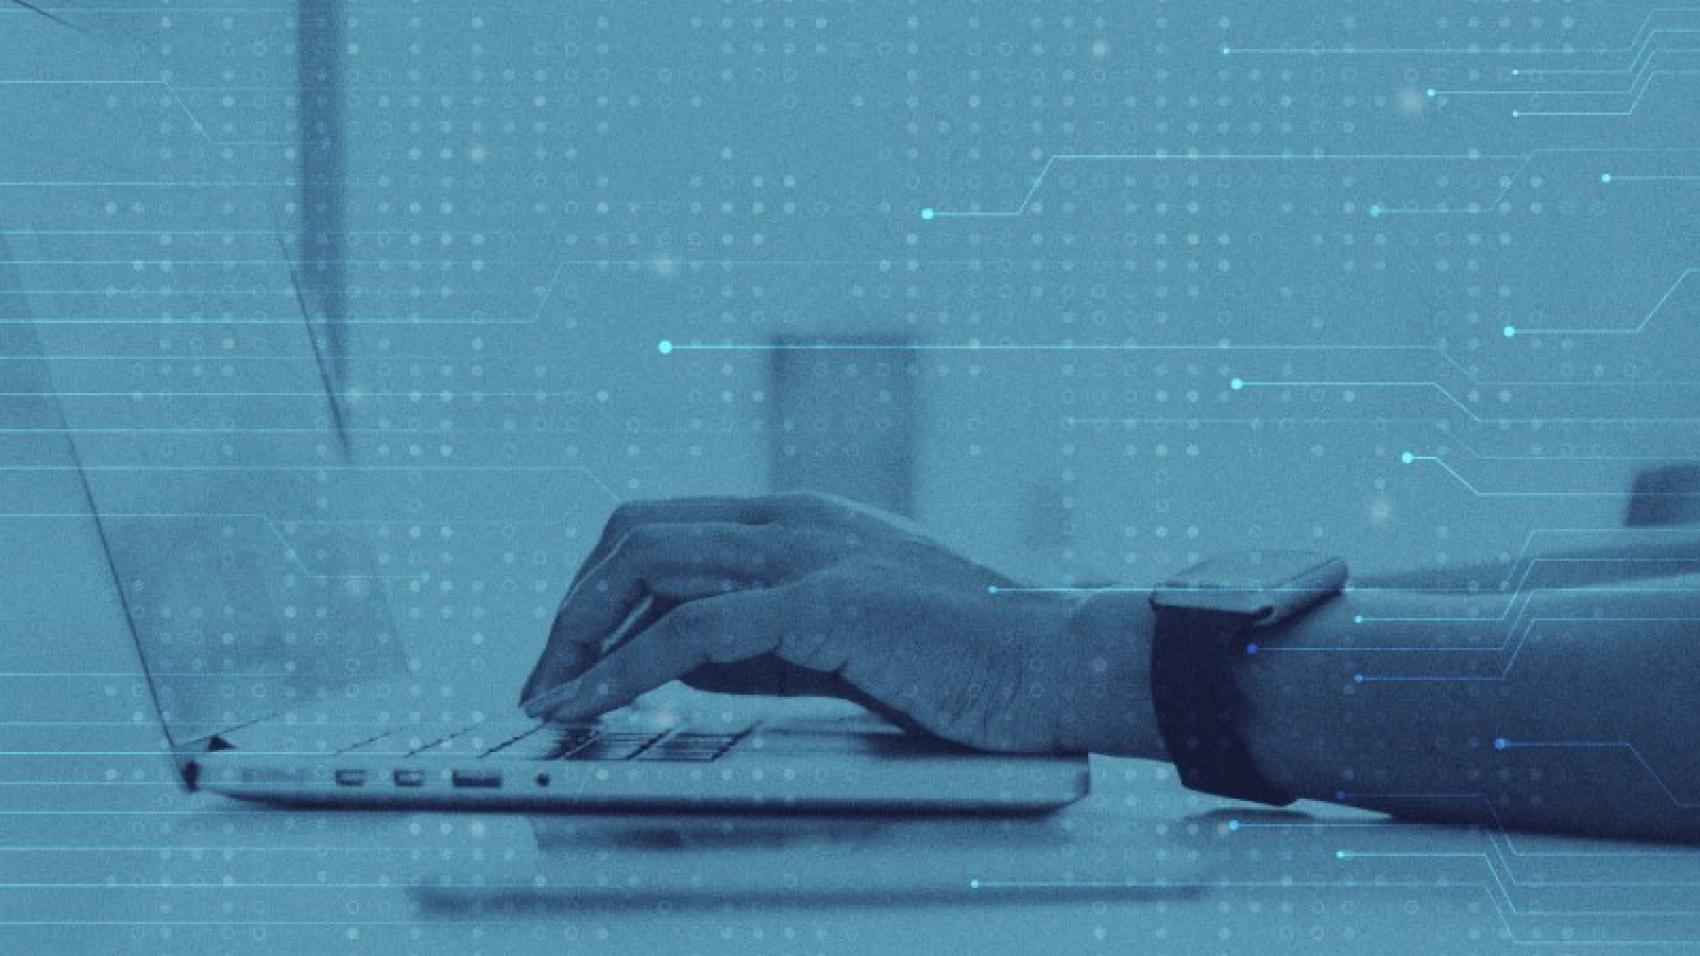 сотрудникам не хватает digital-навыков